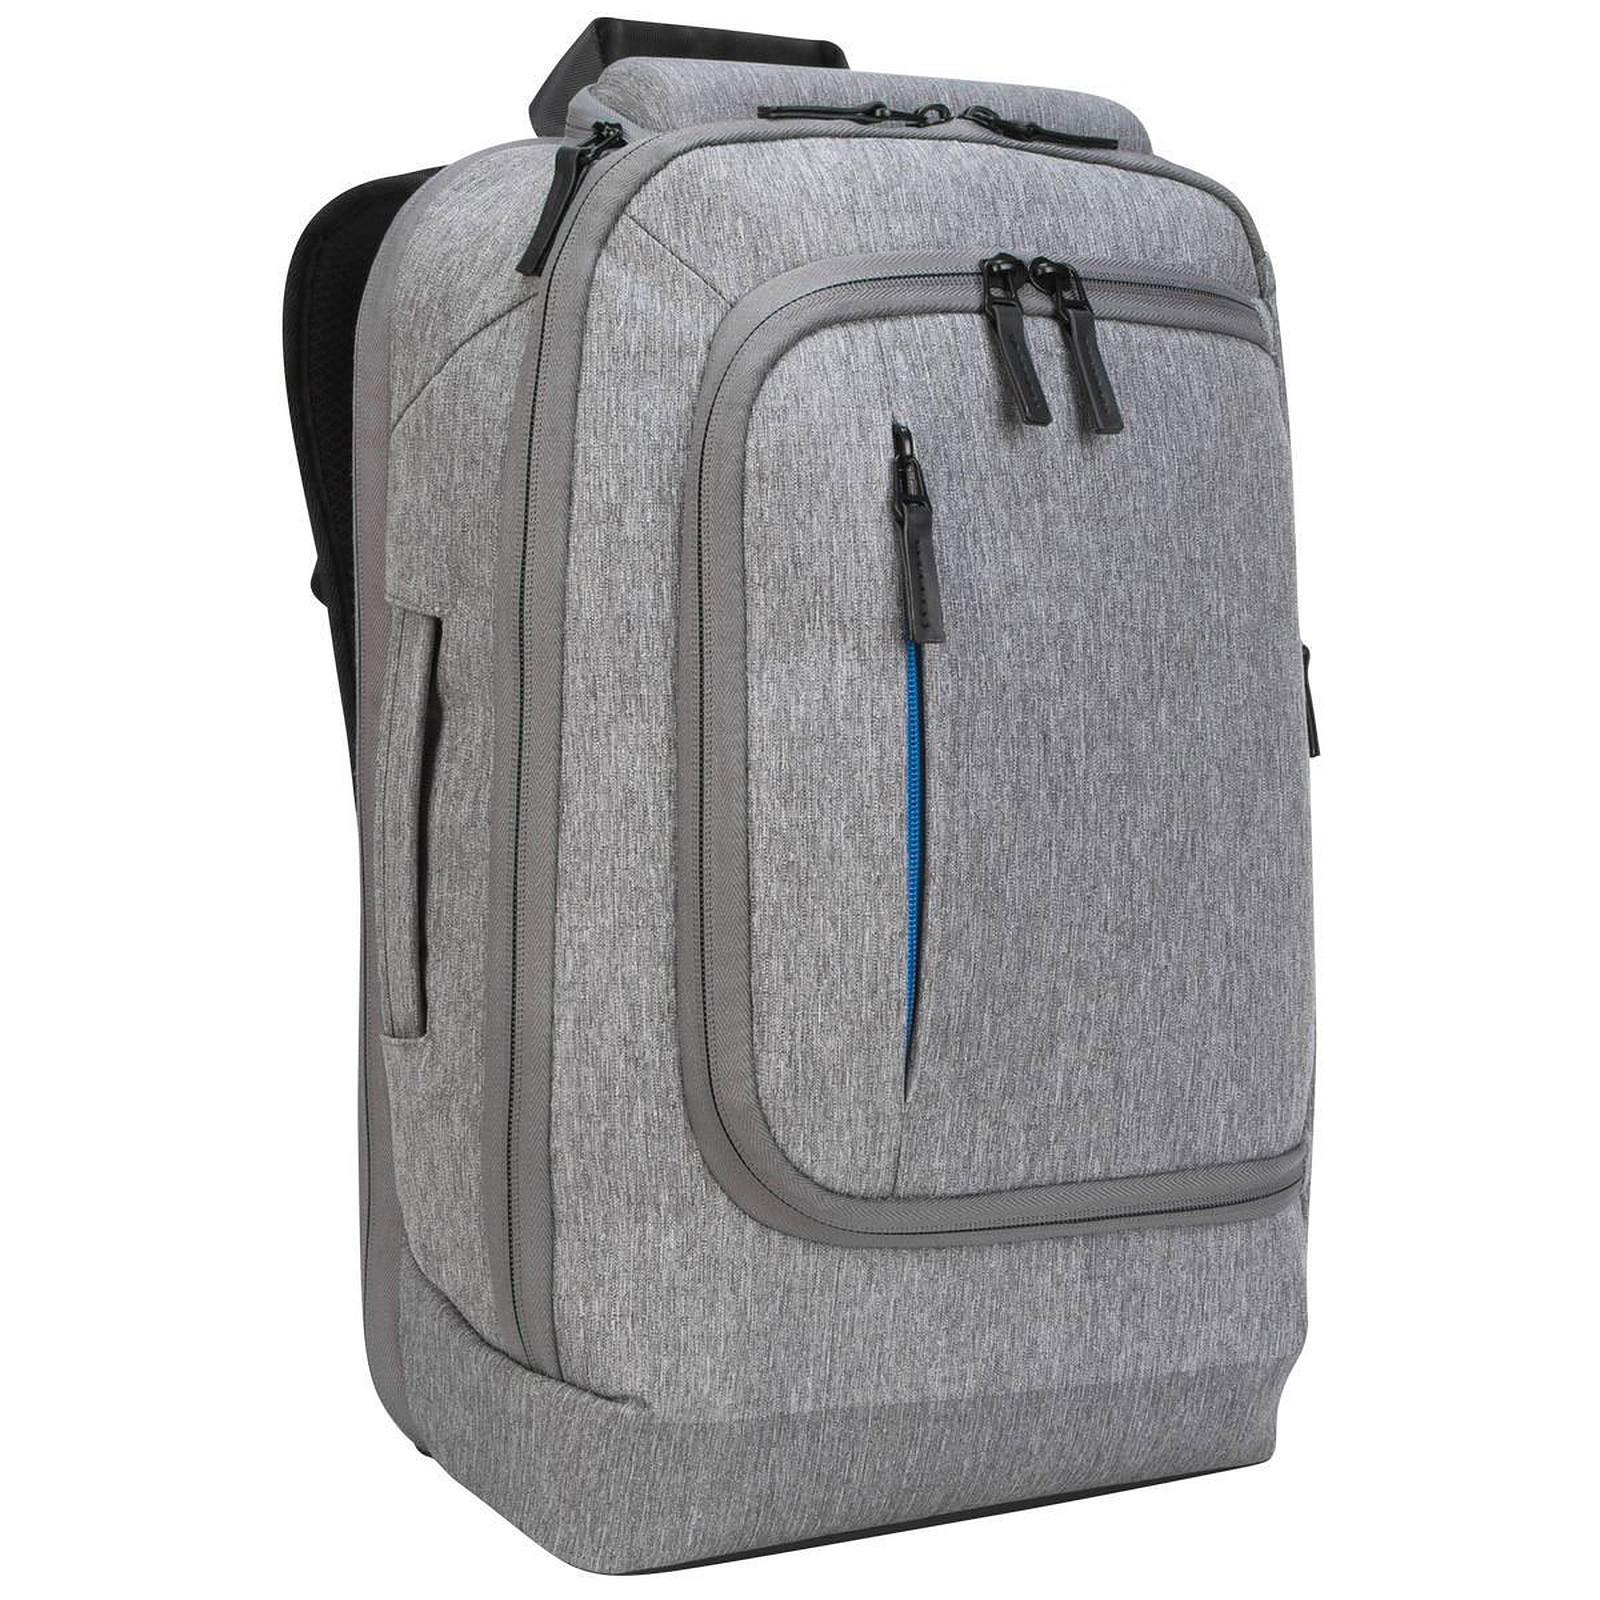 dba487e535 Targus CityLite Pro Premium Backpack Sac à dos convertible pour ordinateur  portable (jusqu'à ...